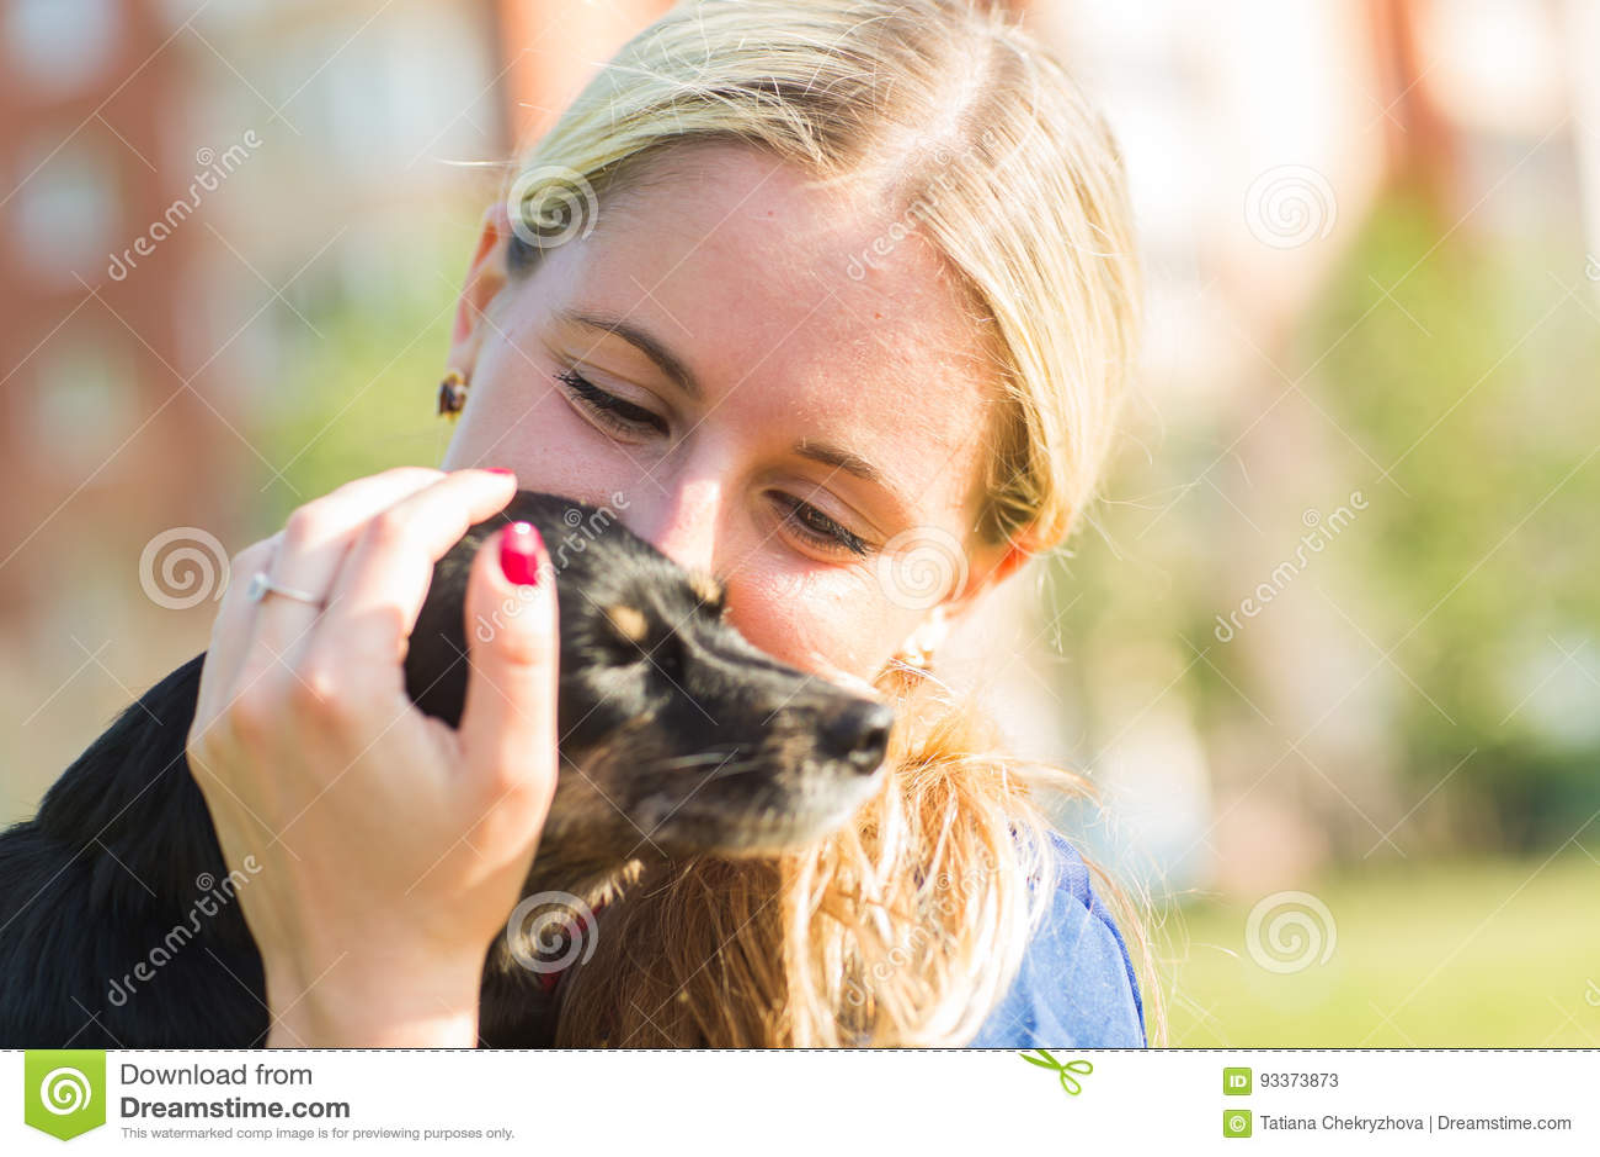 Begrepp av husdjur och den lyckliga ägaren - kvinnan rymmer en hund utomhus